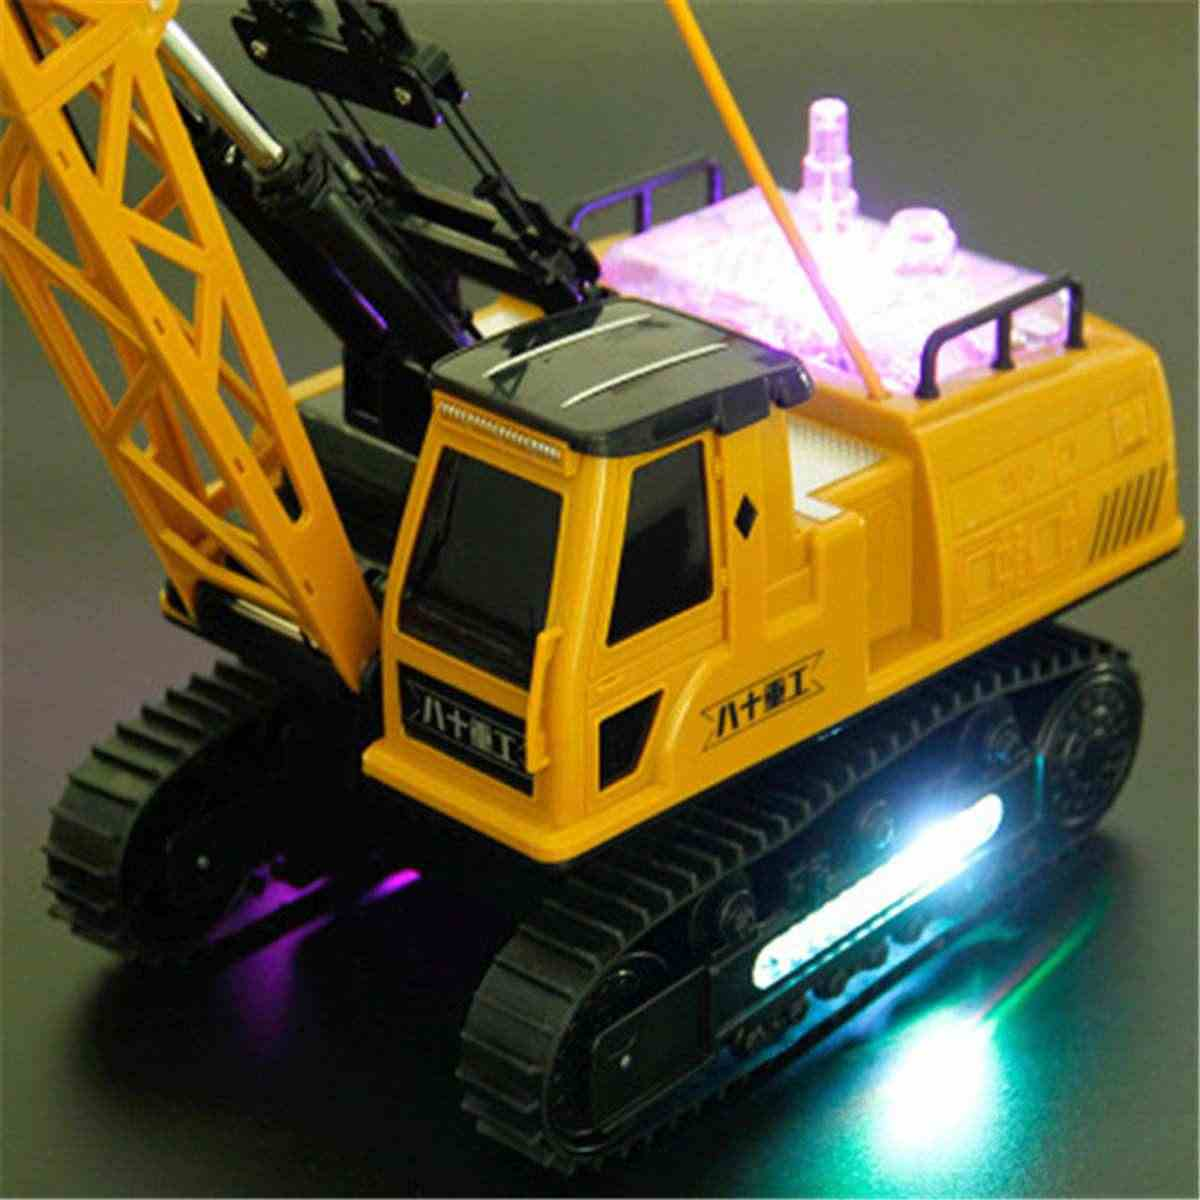 Remote Kontrol Derek Hadiah Mainan Angkat Berat Crane Model Anak Anak Hadiah Natal Penyelamatan Persewaan Mobil Konstruksi Teknik